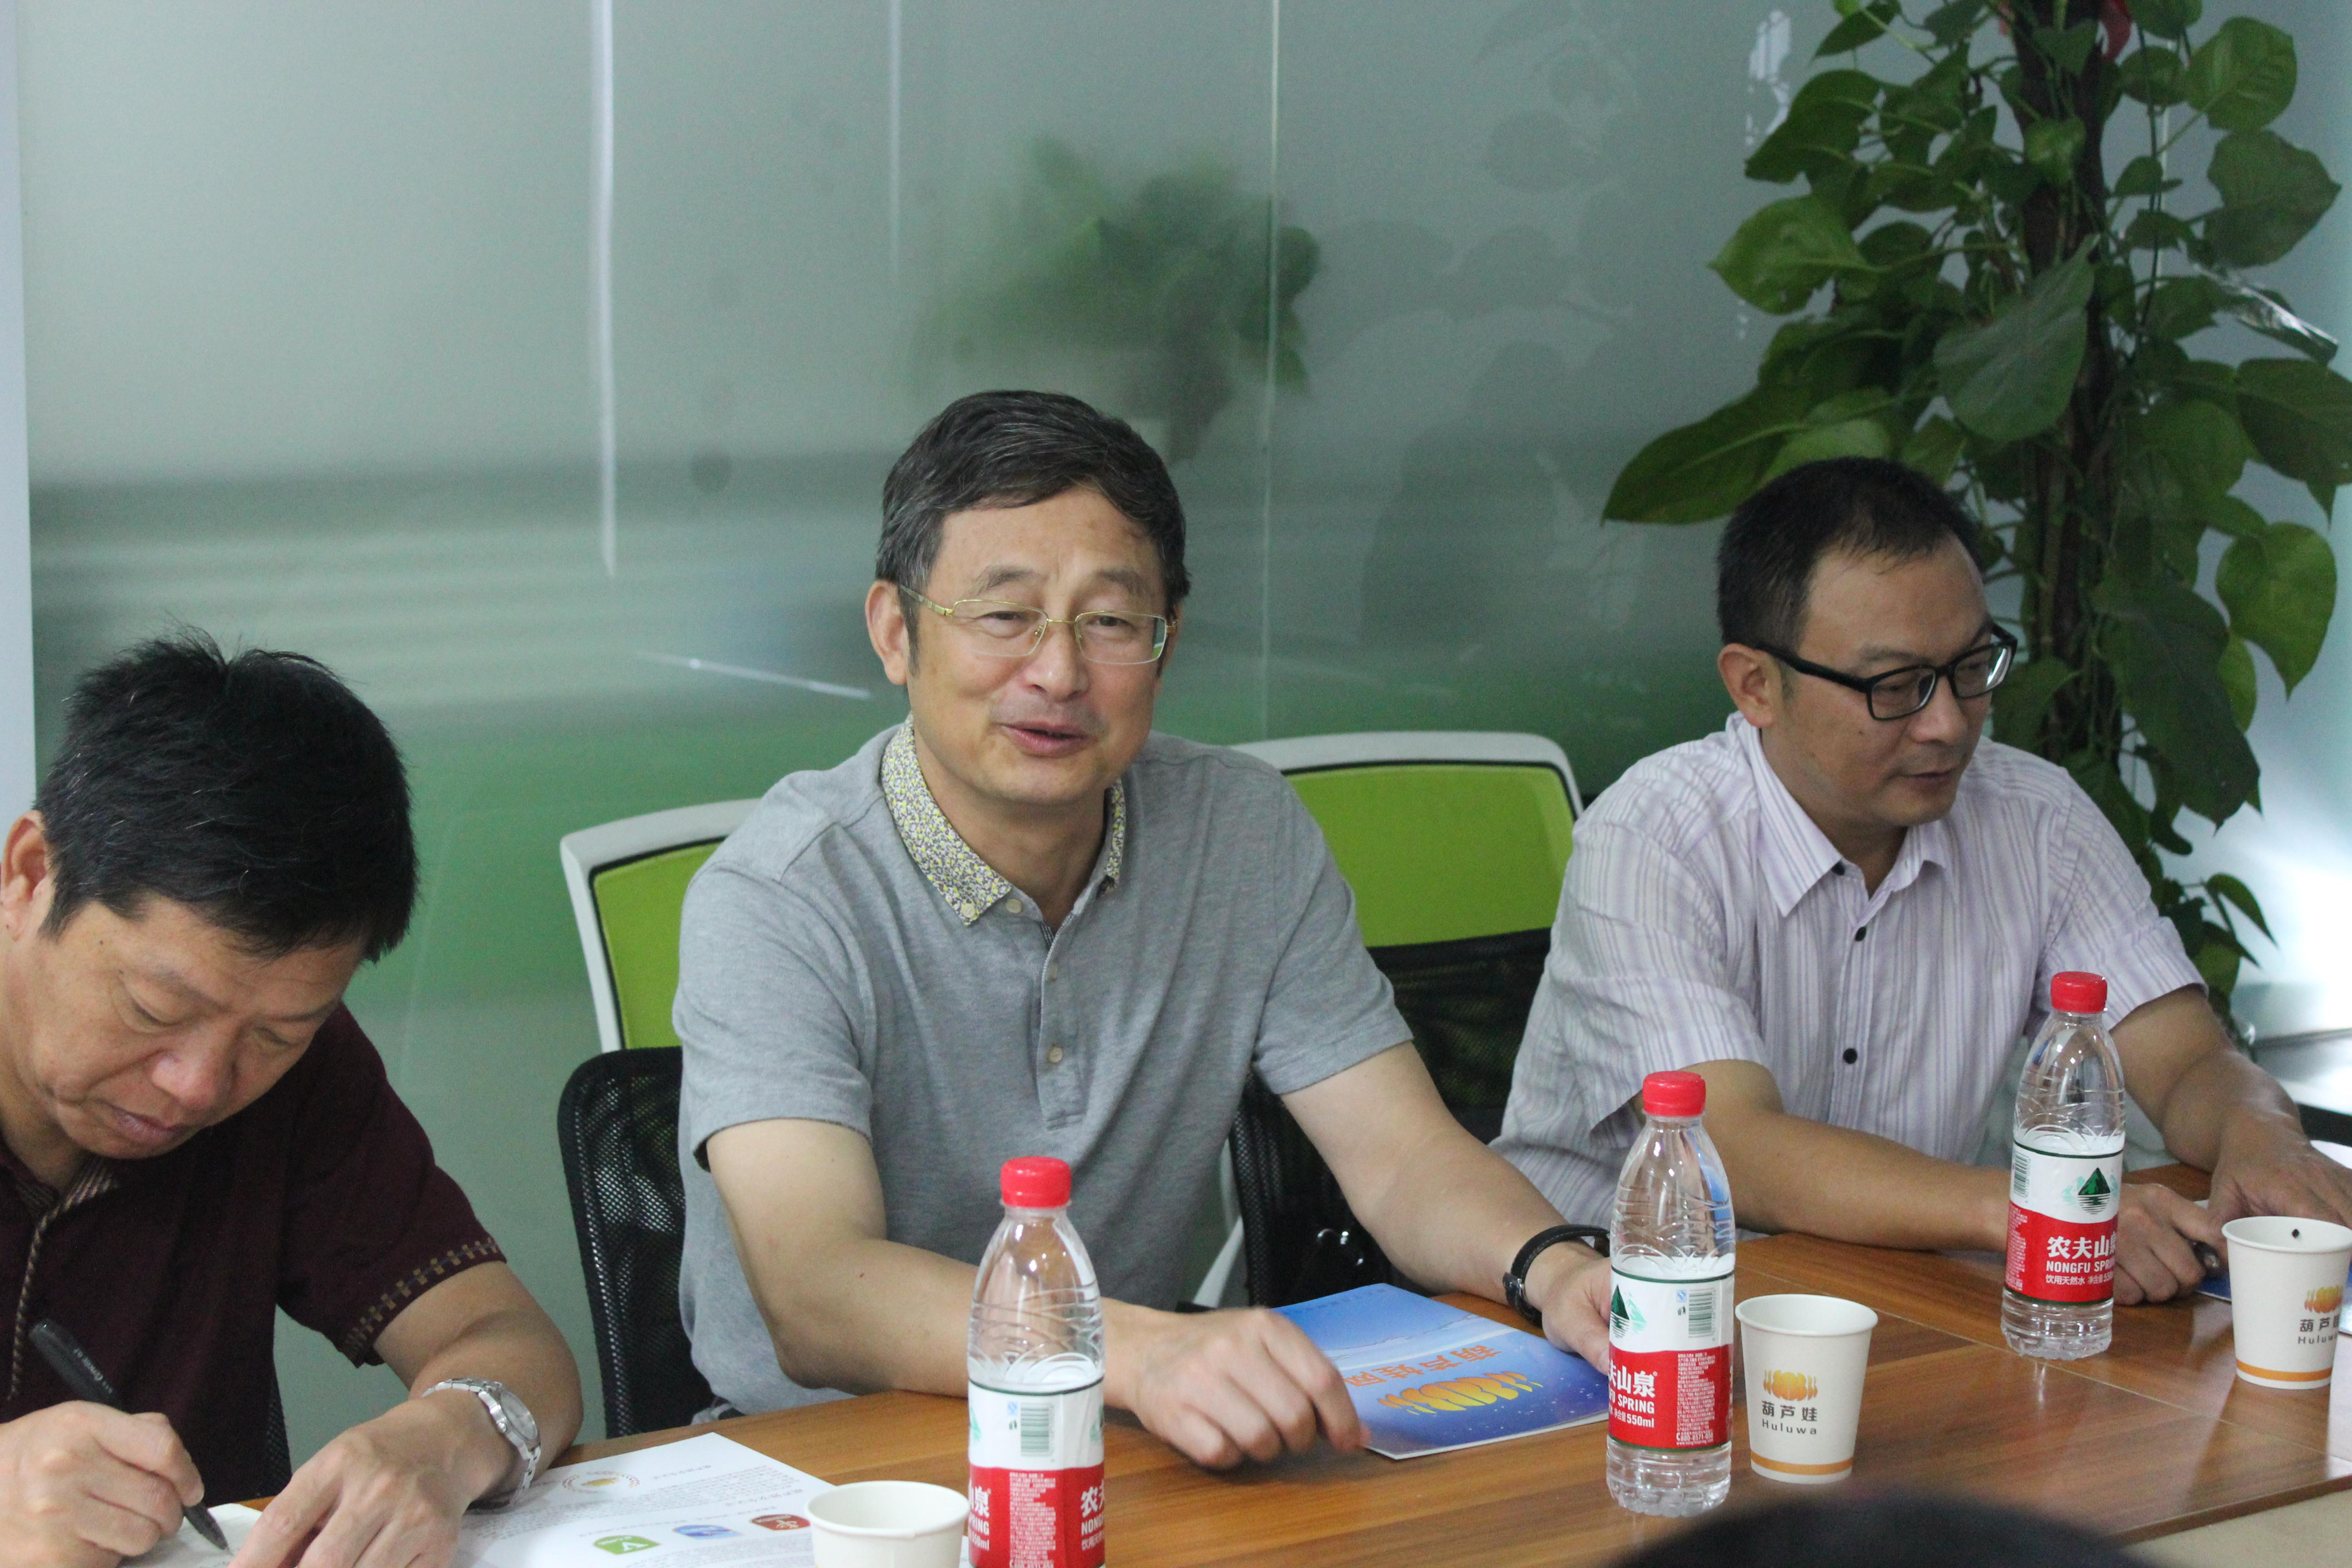 黄山学院党委副书记、纪委书记叶军一行到葫芦娃网络考察指导